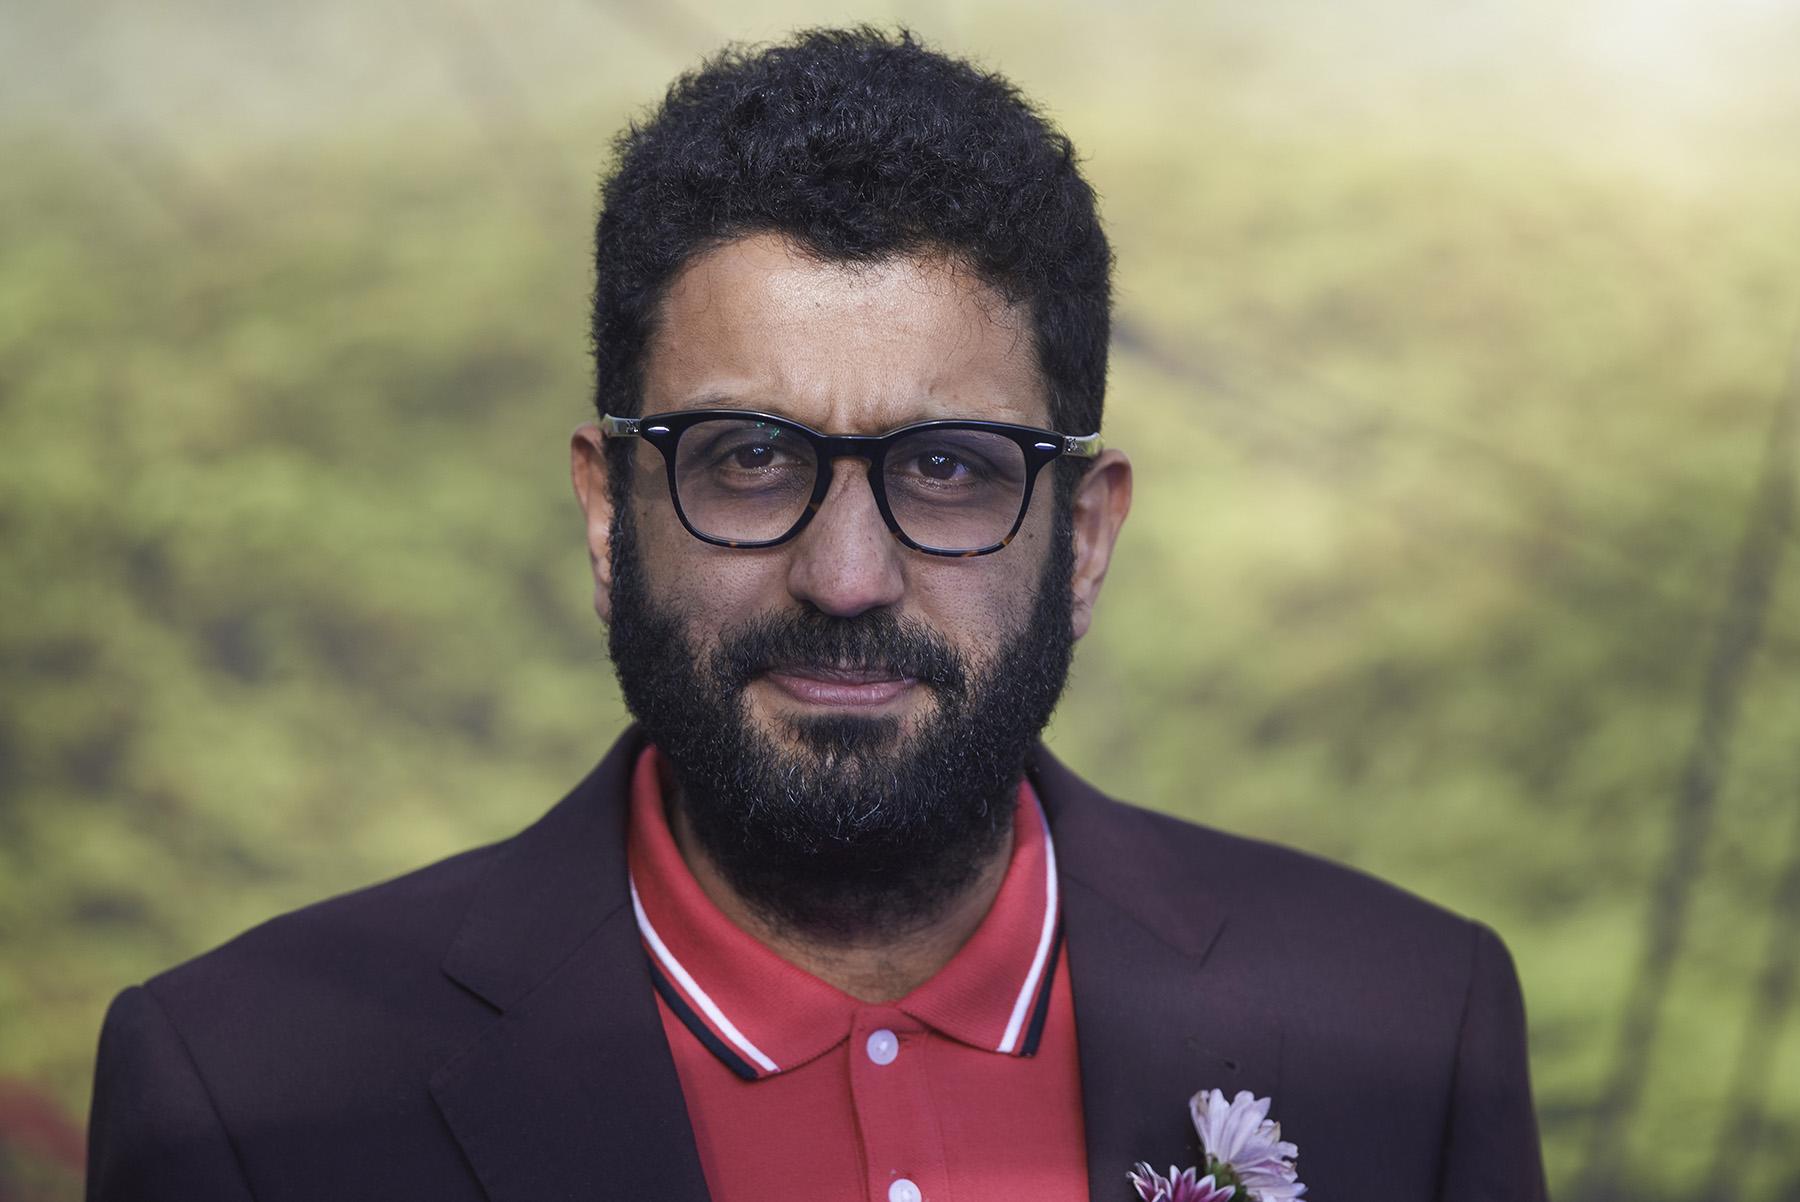 En Robin Robin Papa Mouse es interpretado por Adeel Akhtar.